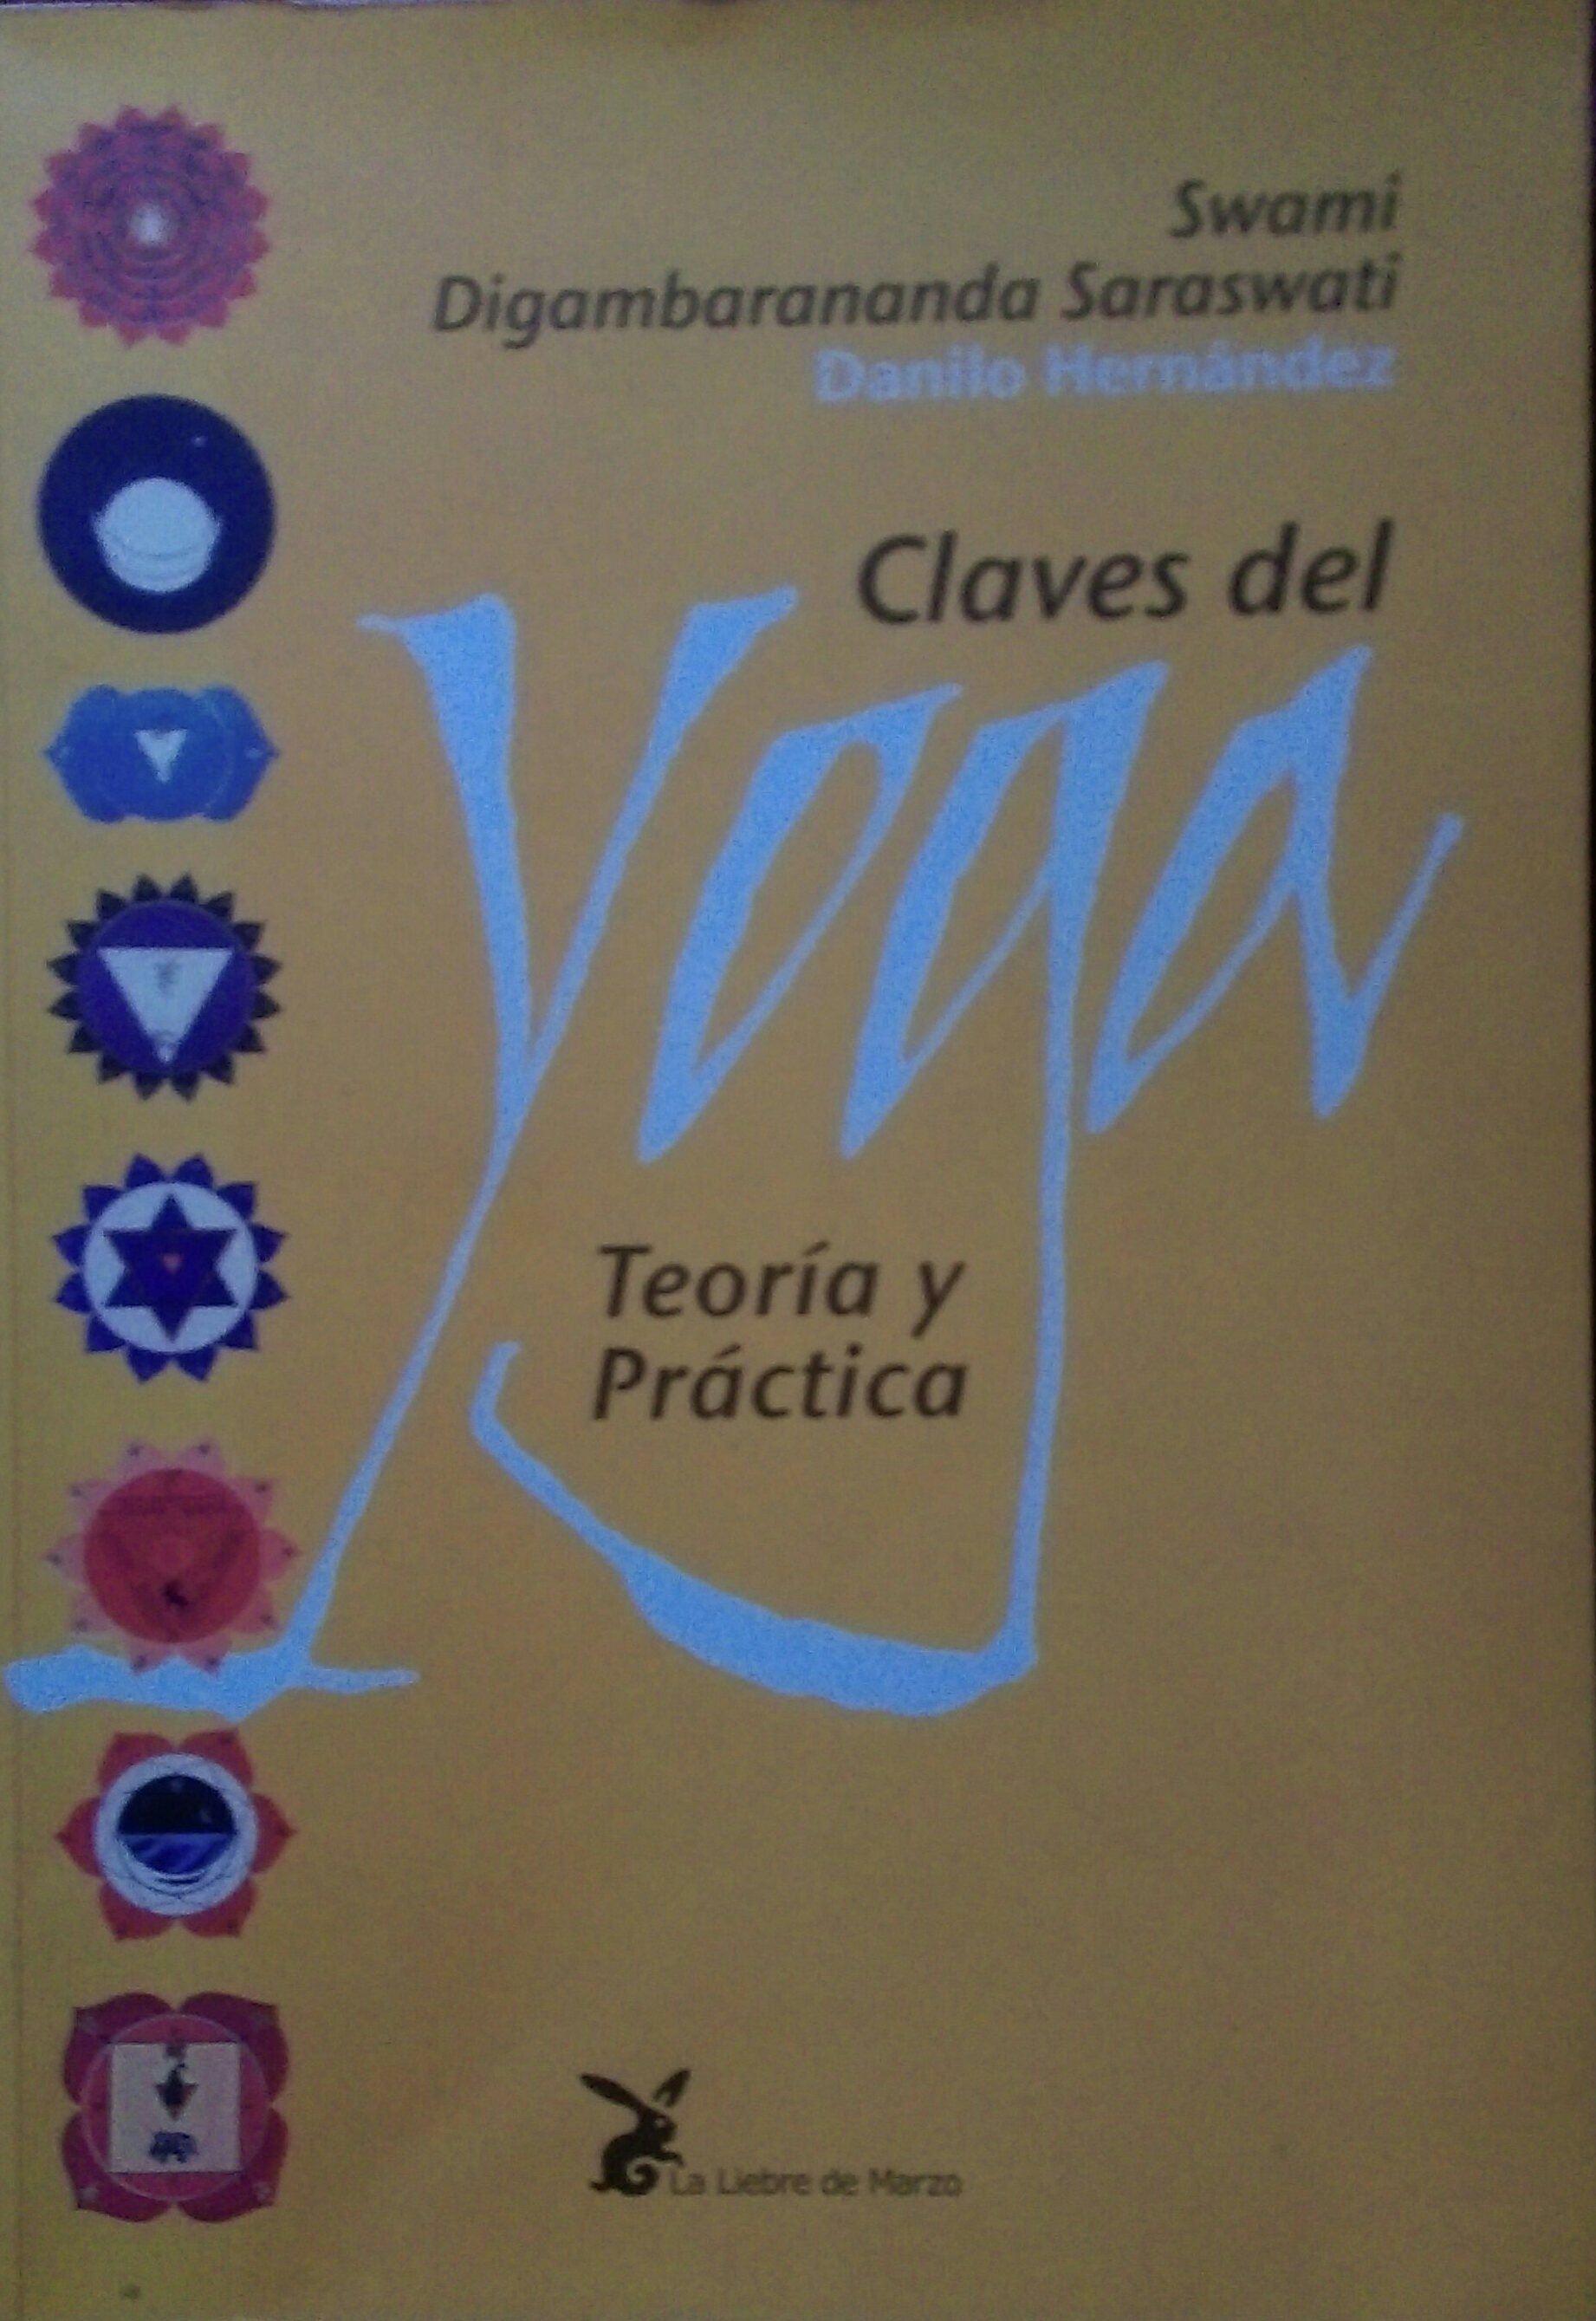 Claves del Yoga 1 en almayogavida.com